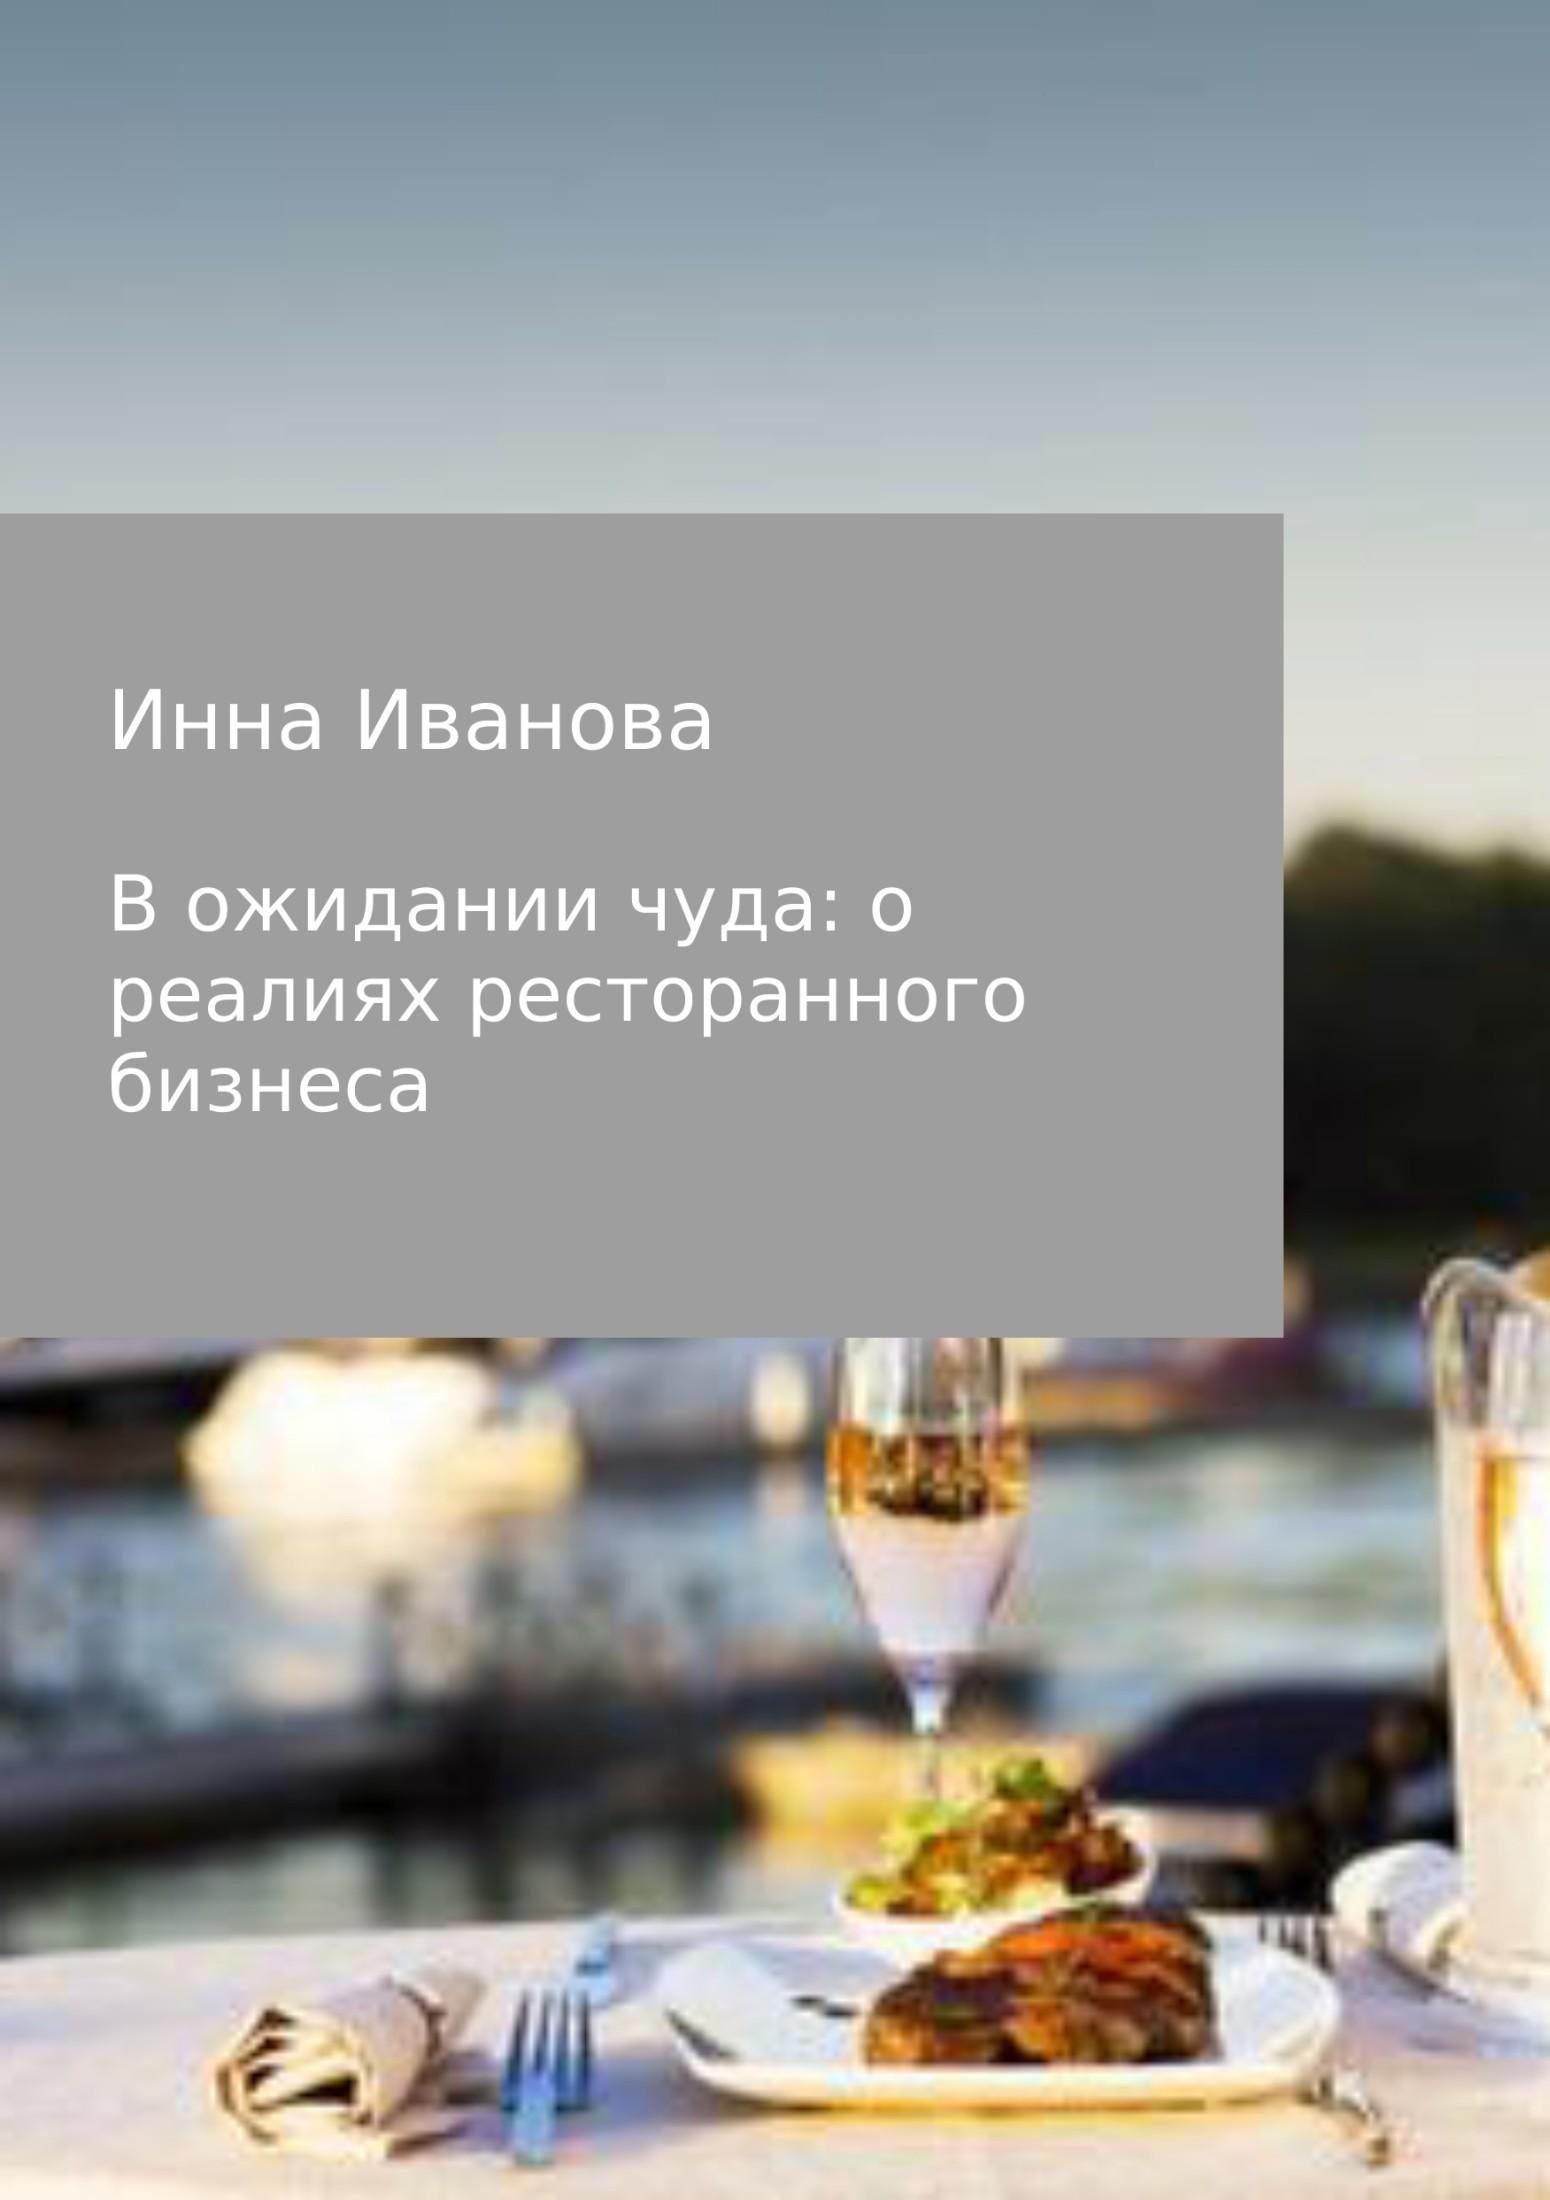 Обложка книги. Автор - Инна Иванова